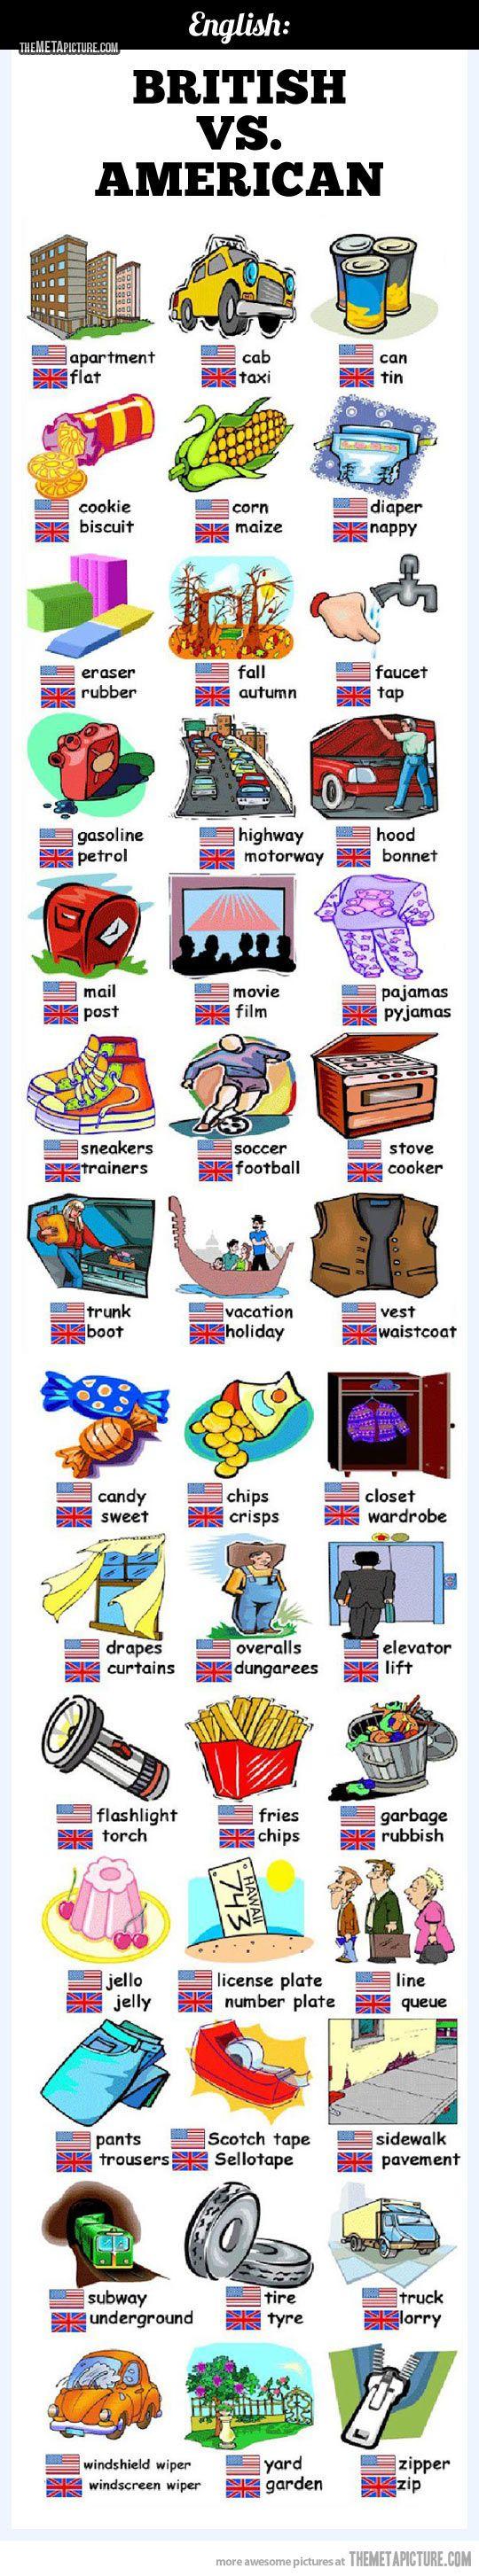 These are so true! British vs. American English